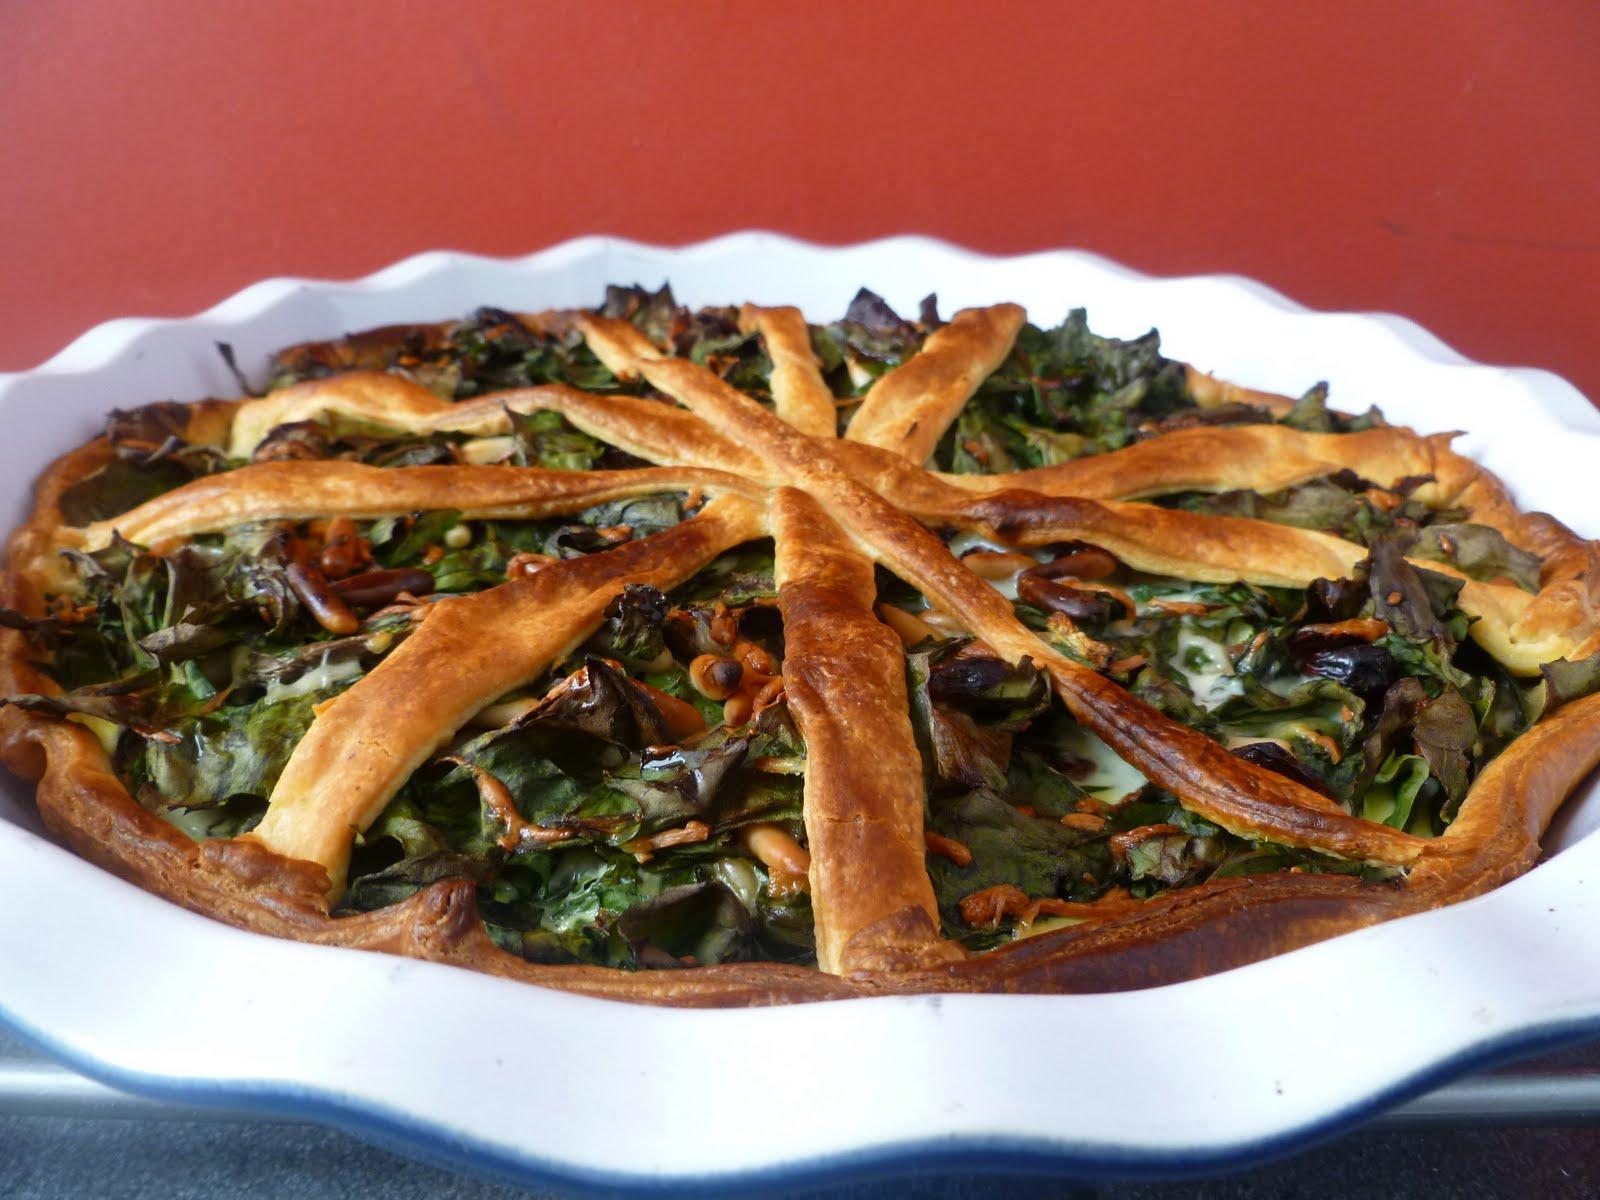 Tourte de feuilles de blettes blog de recettes bio le - Cuisiner blettes feuilles ...